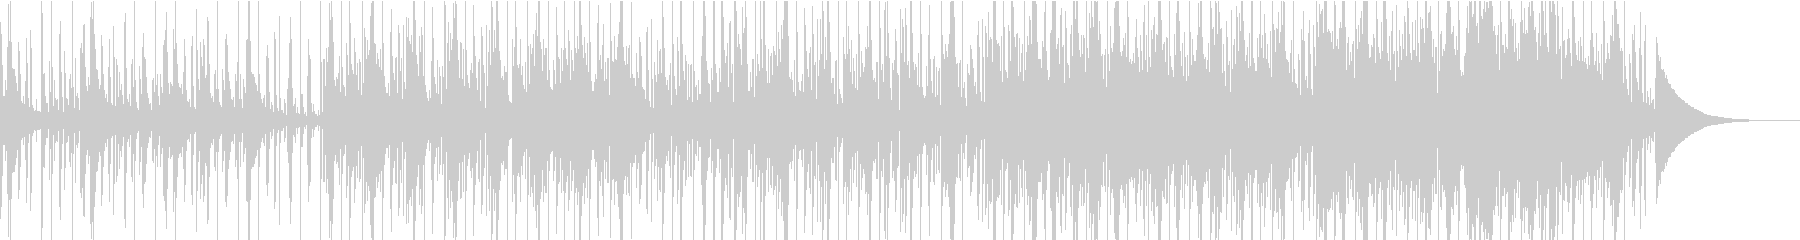 ピアノ&電子ドラムの切ないバラードの未再生の波形